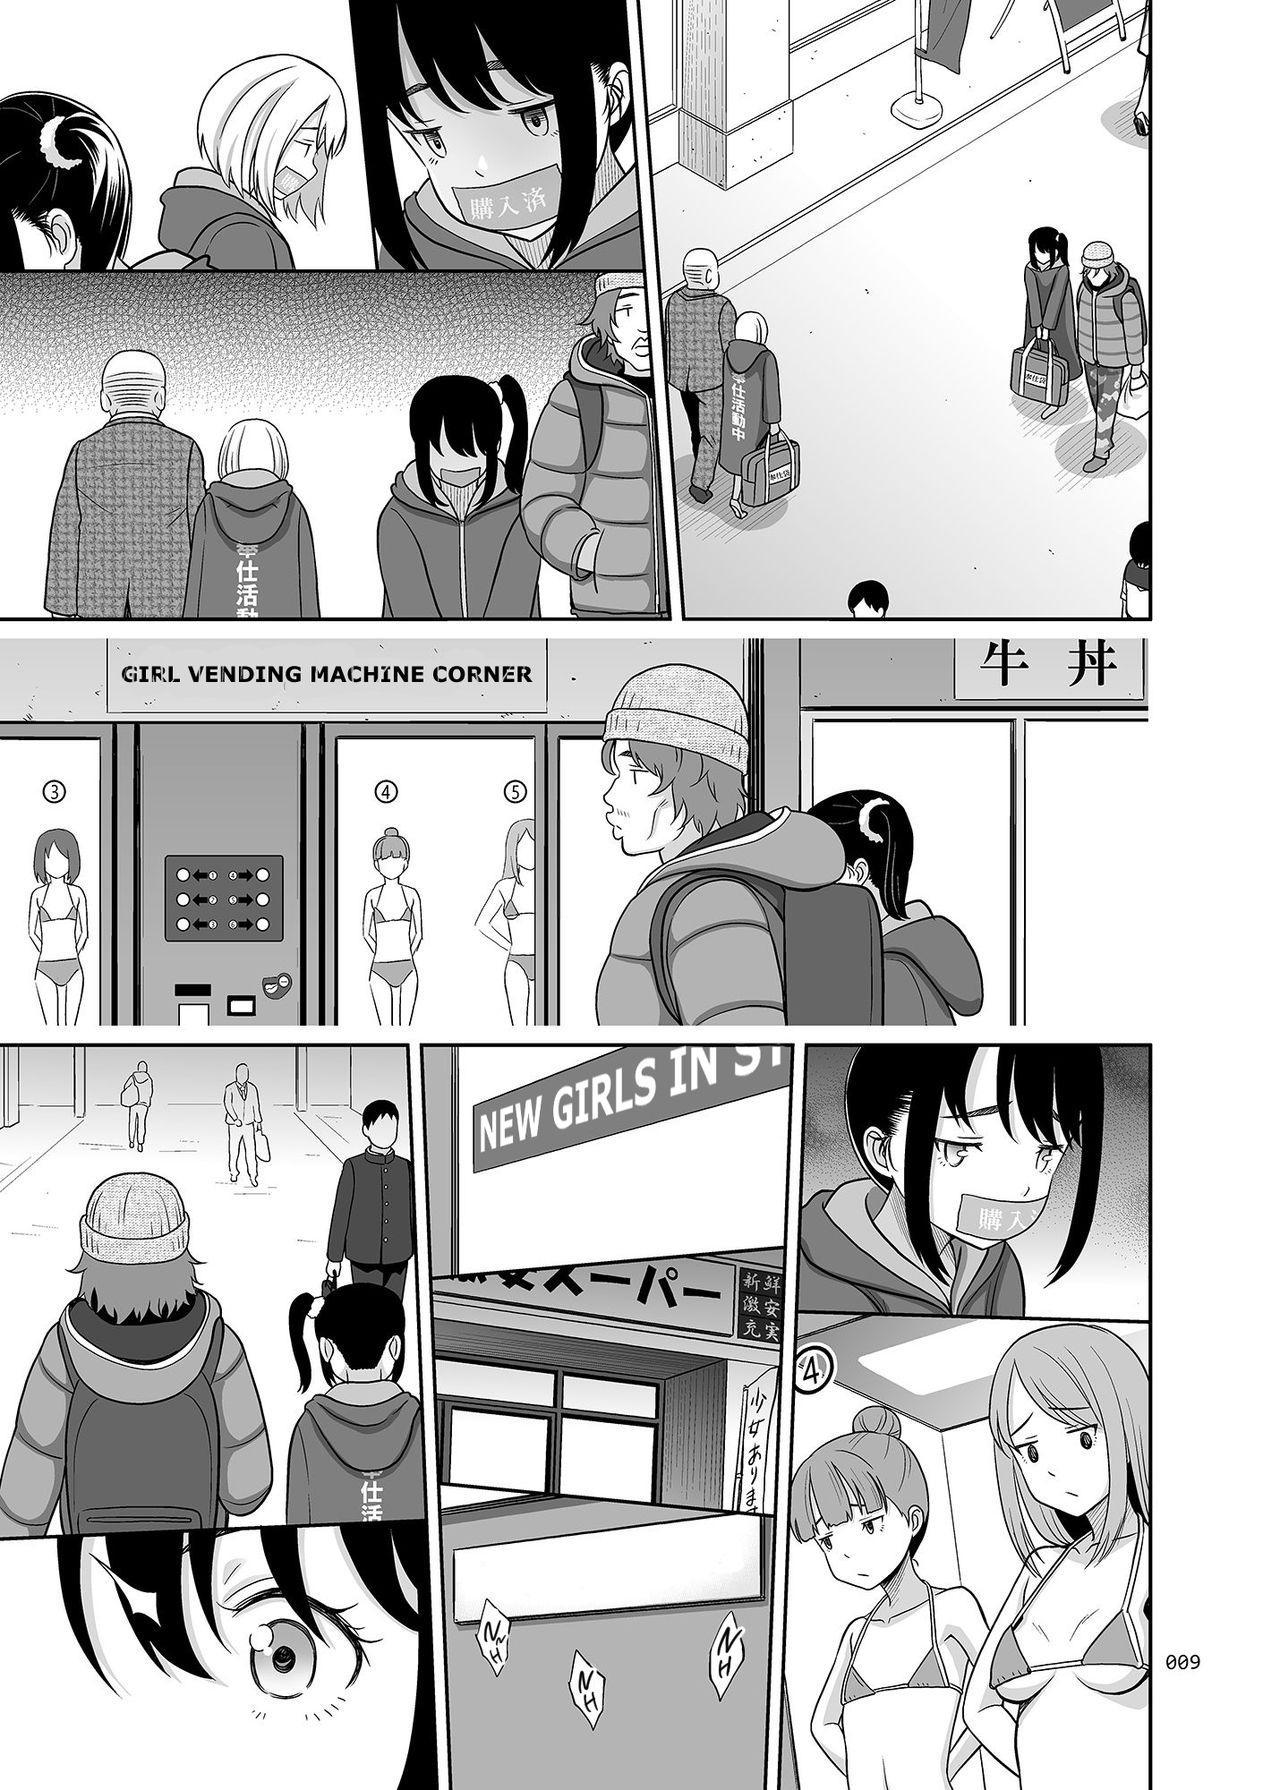 Shoujo ga Kaeru Machi 1 l A Street Where You Can Purchase Young GIrls 1 7